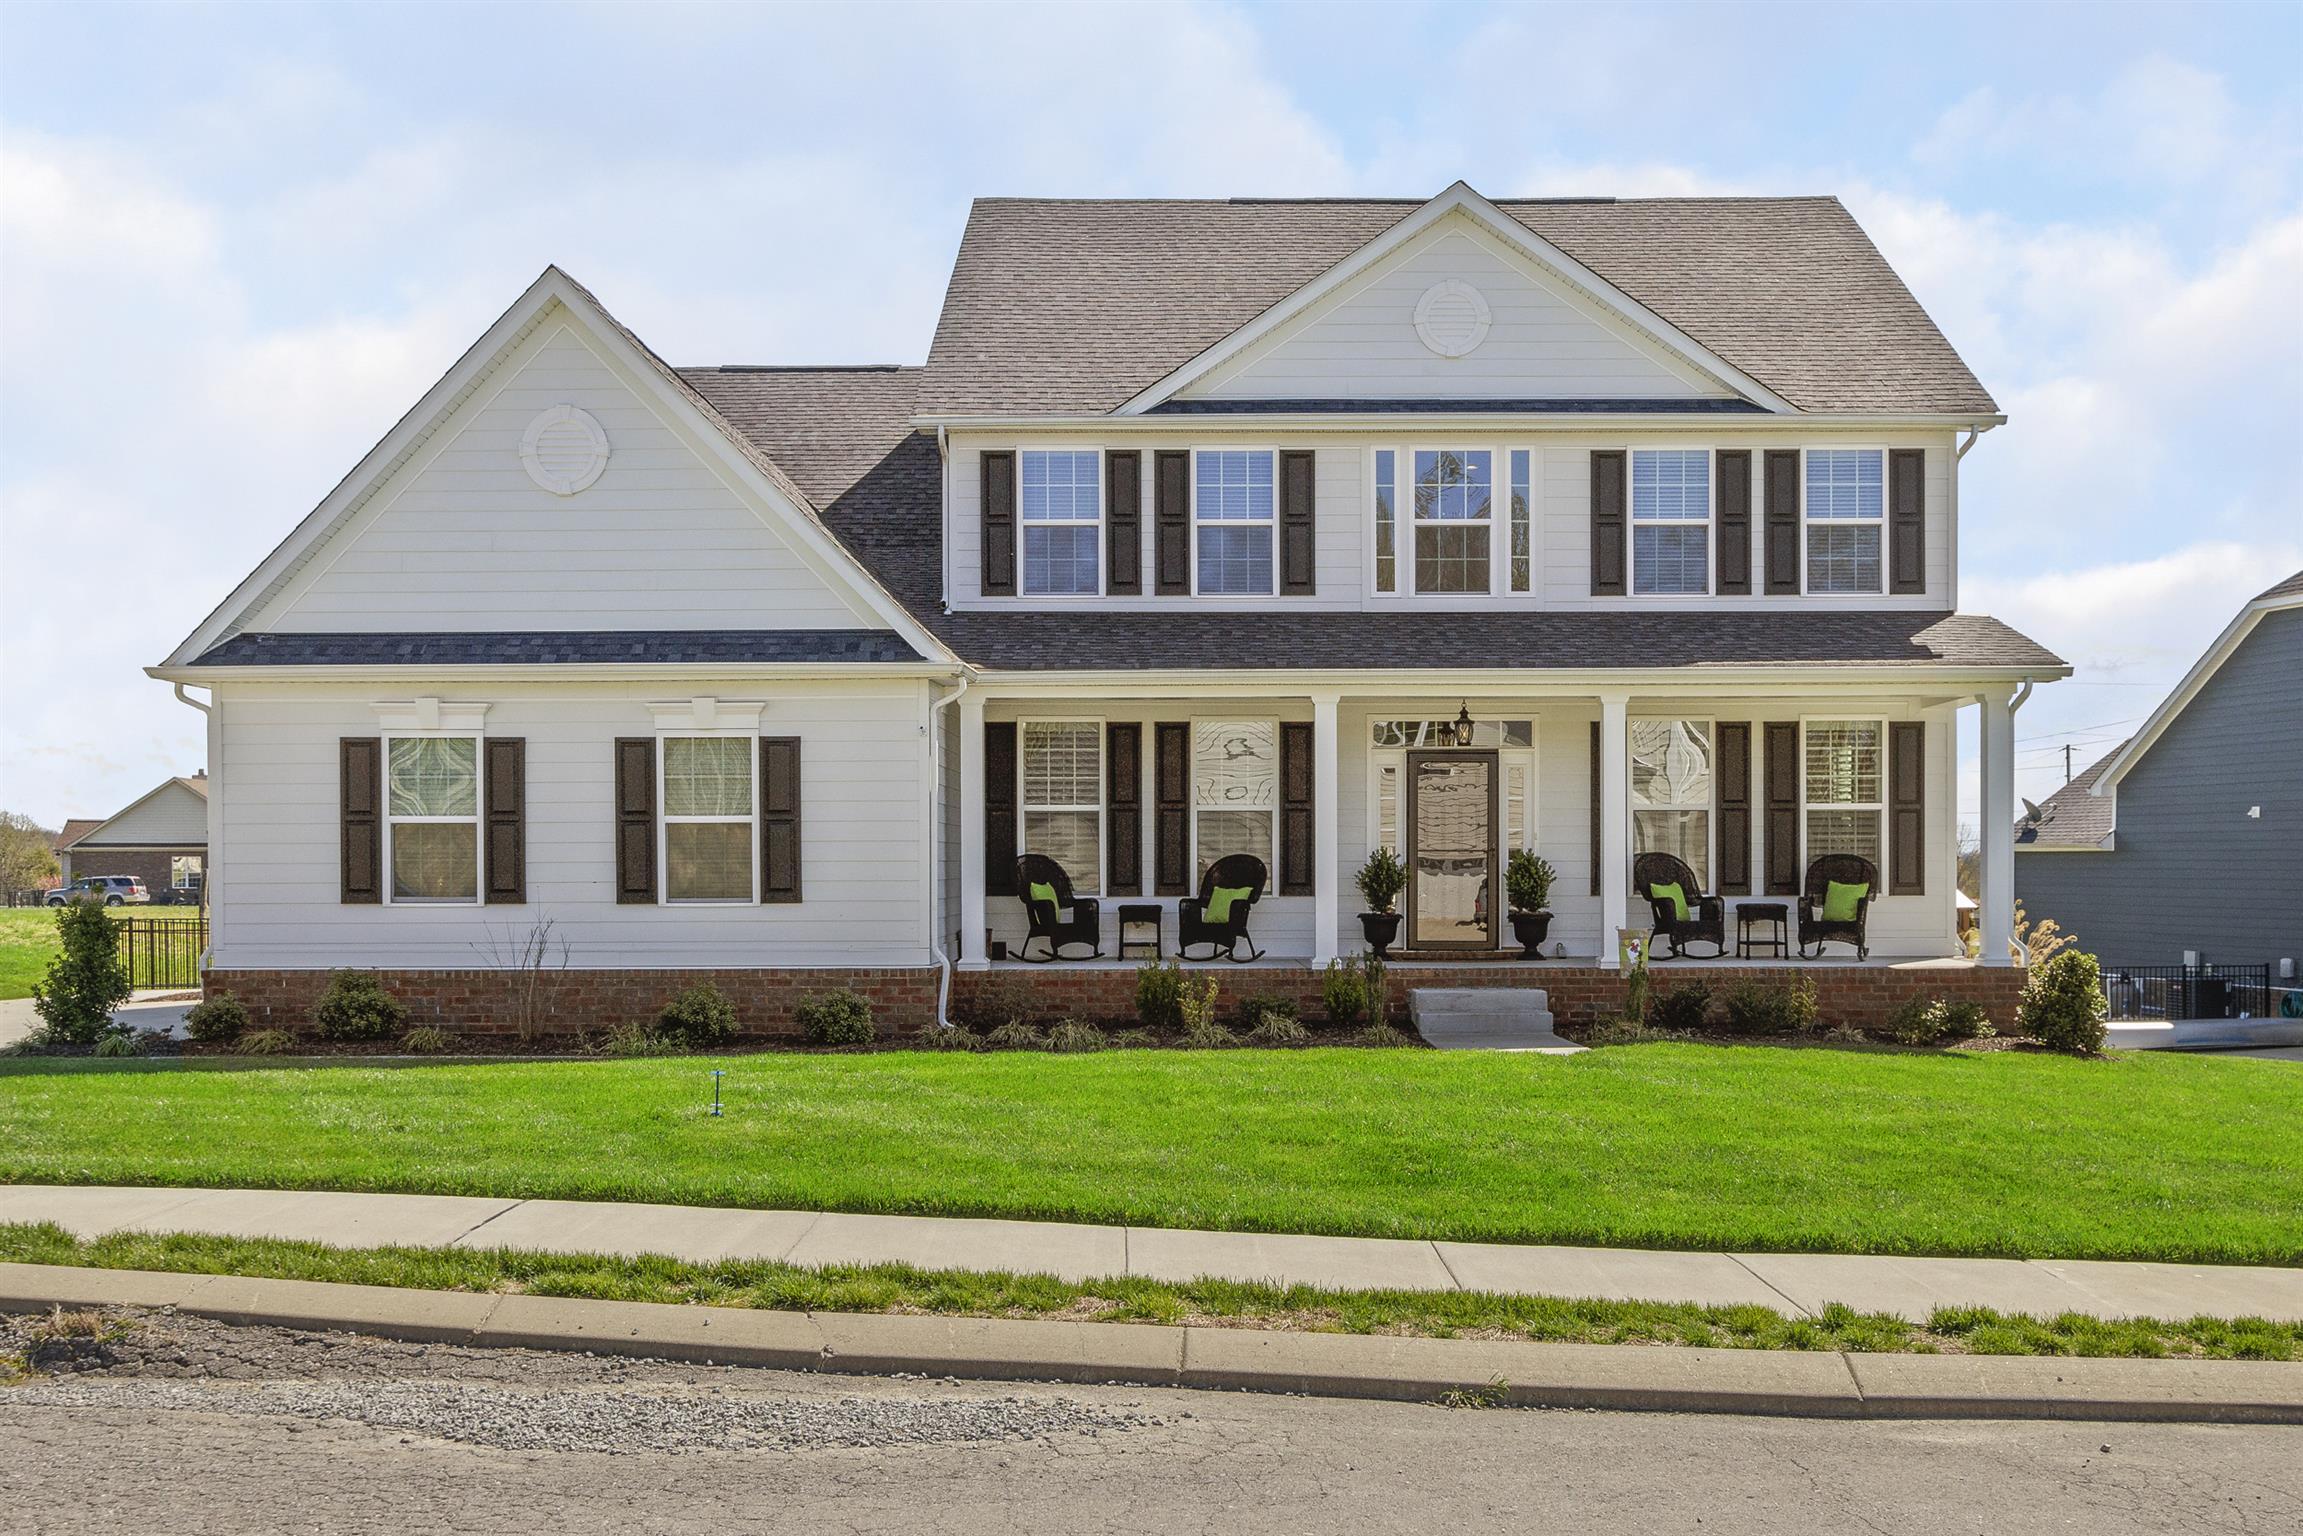 1012 Crutcher Station Dr, Hendersonville, TN 37075 - Hendersonville, TN real estate listing